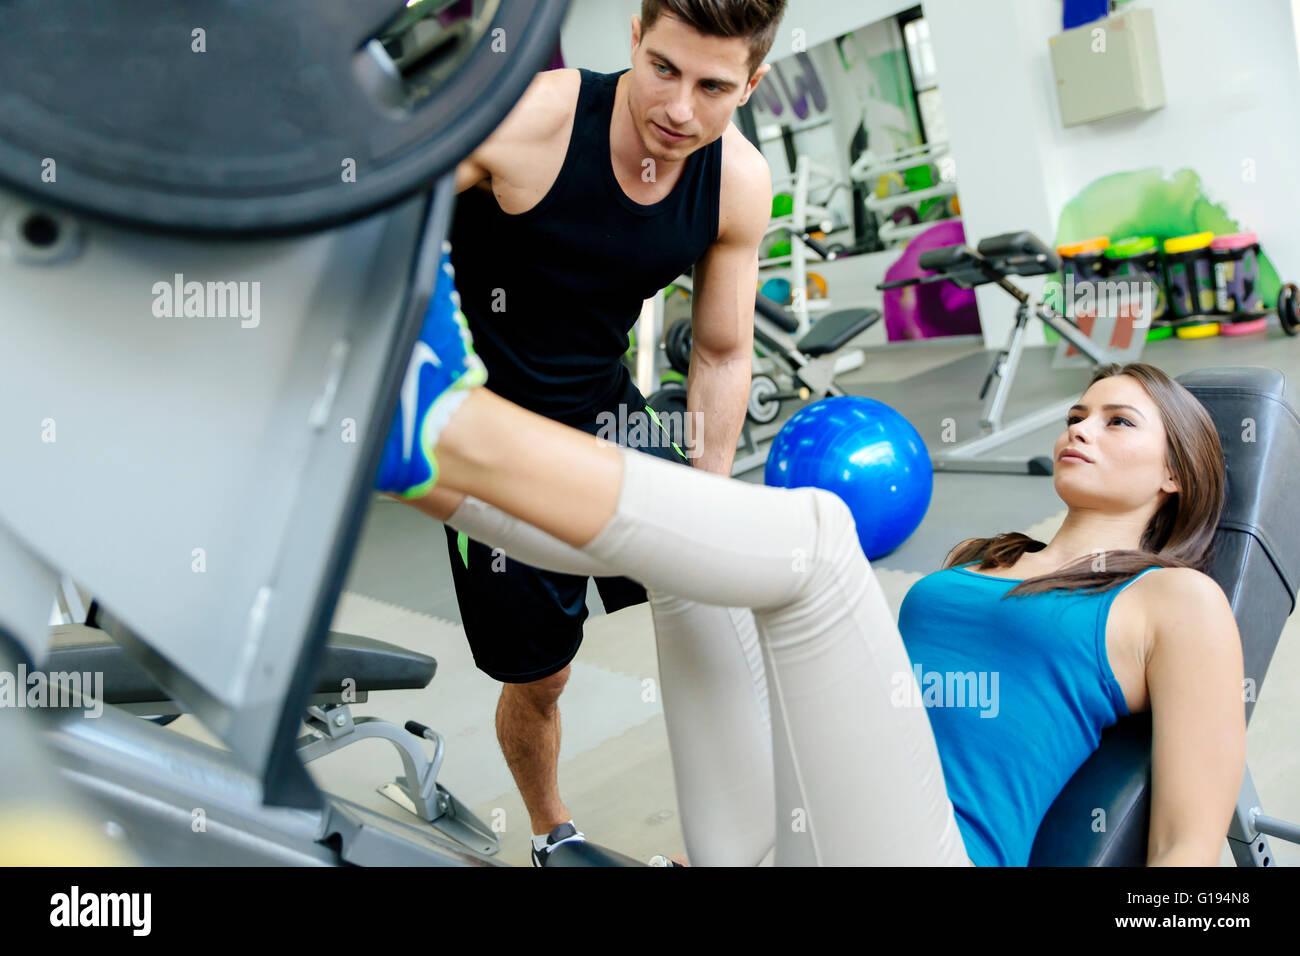 Schöne Frau Bein-Übungen im Fitness-Studio mit Hilfe von persönlichen trainer Stockbild